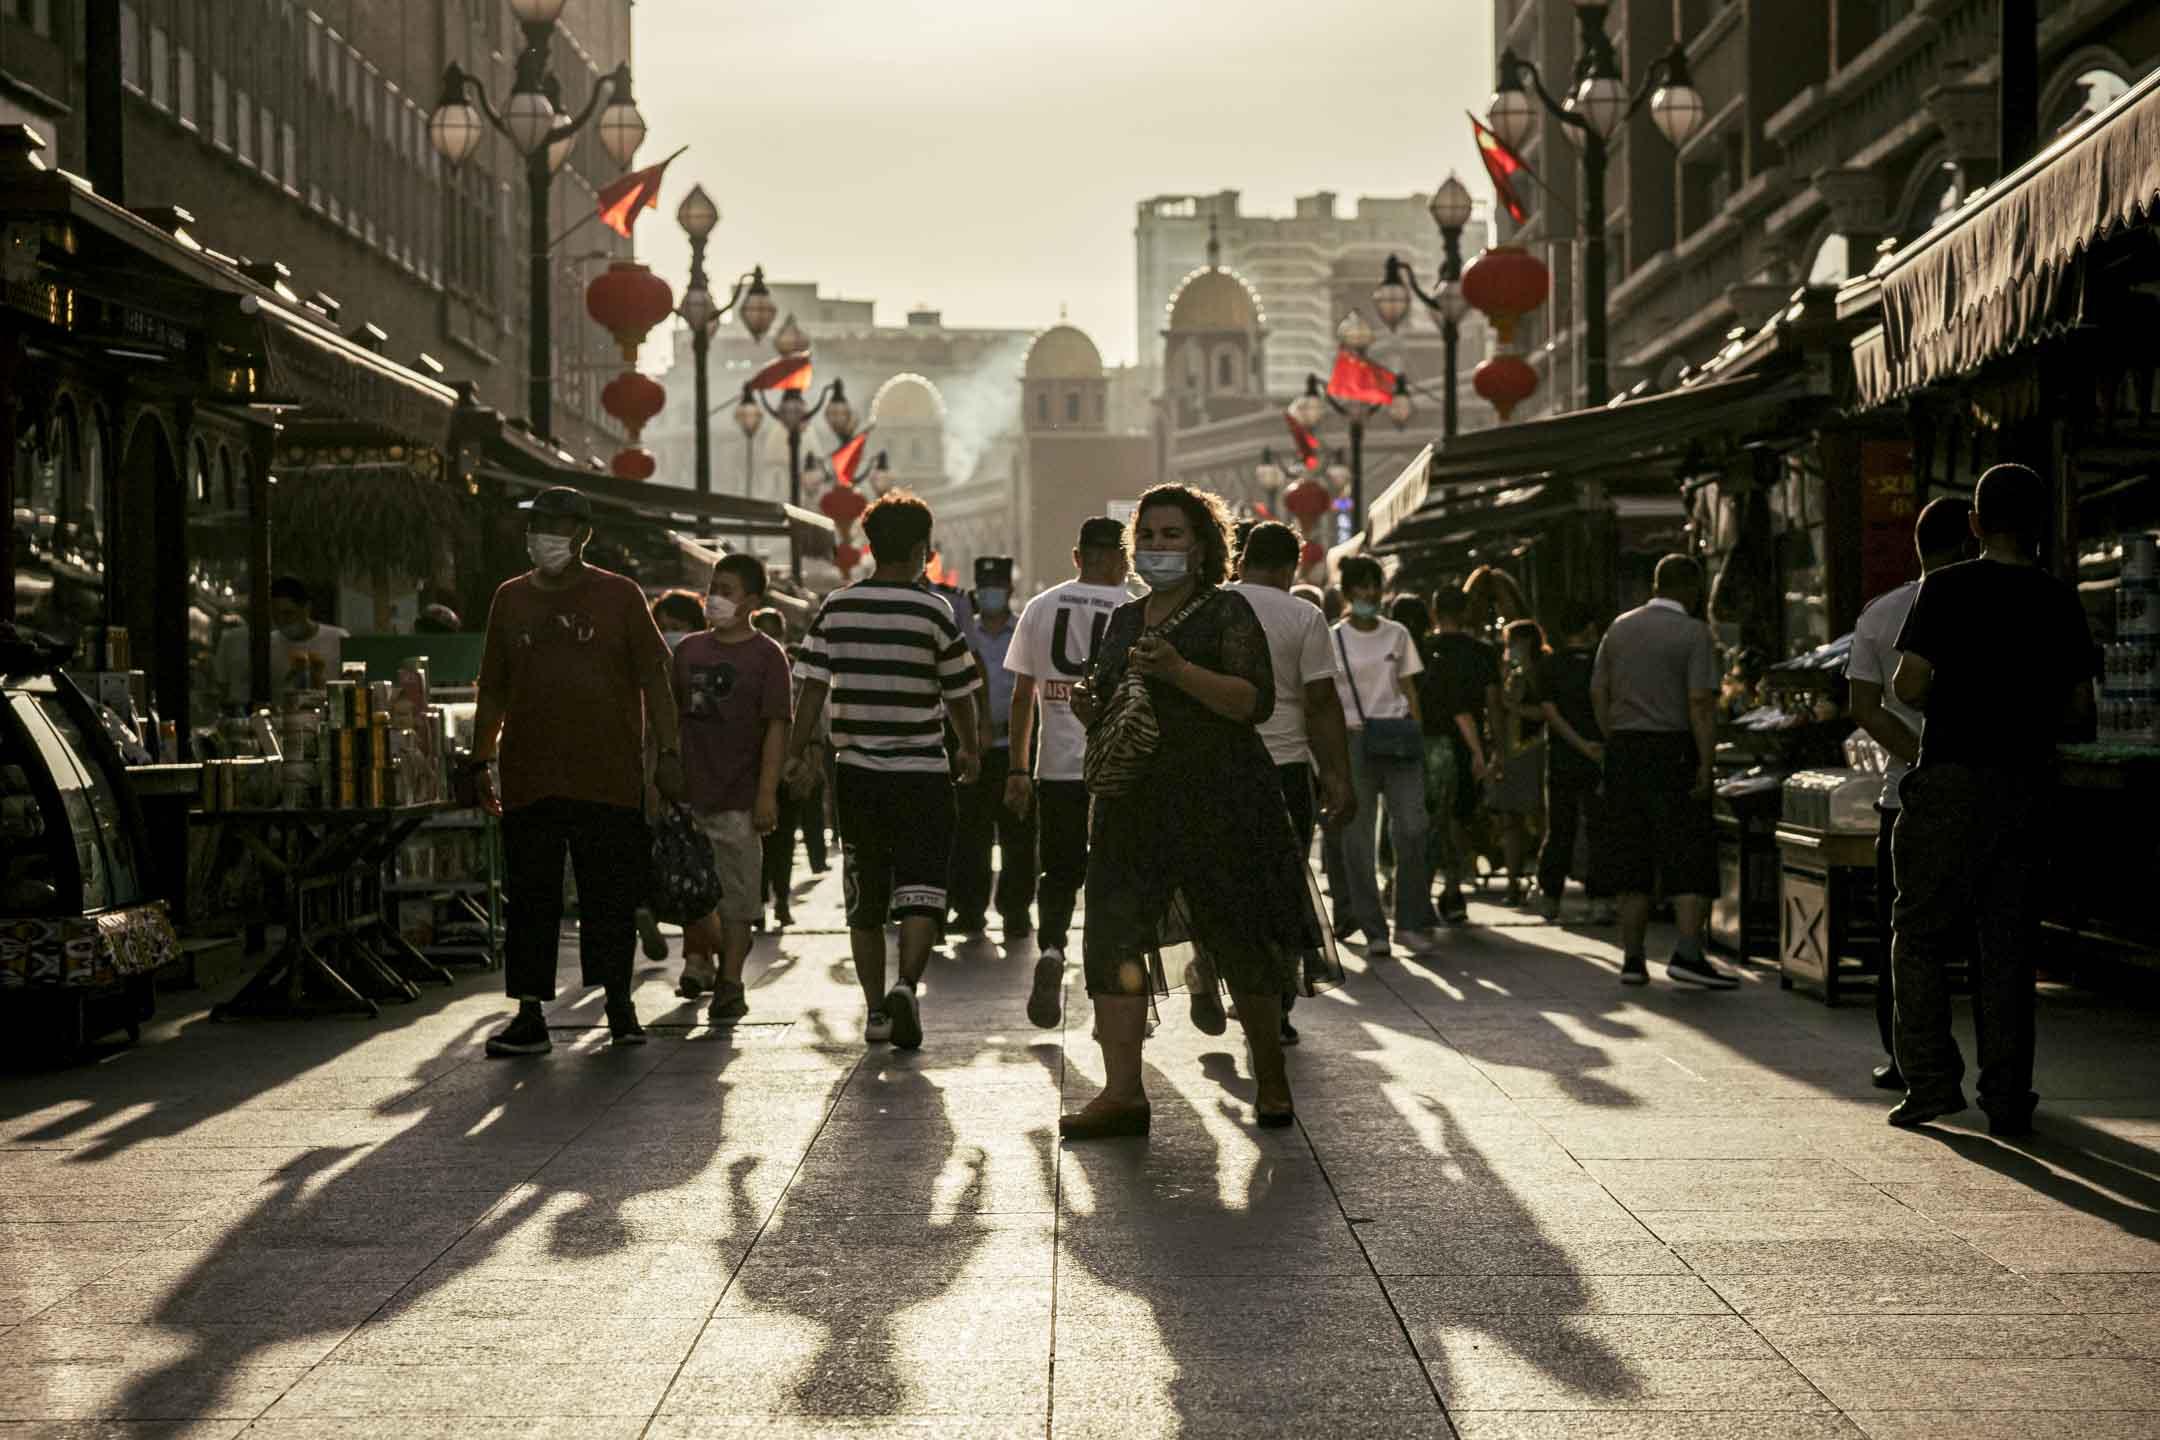 2020年6月25日,烏魯木齊的新疆國際大市場,人們戴上口罩在街上行走。 攝:David Liu/Getty Images